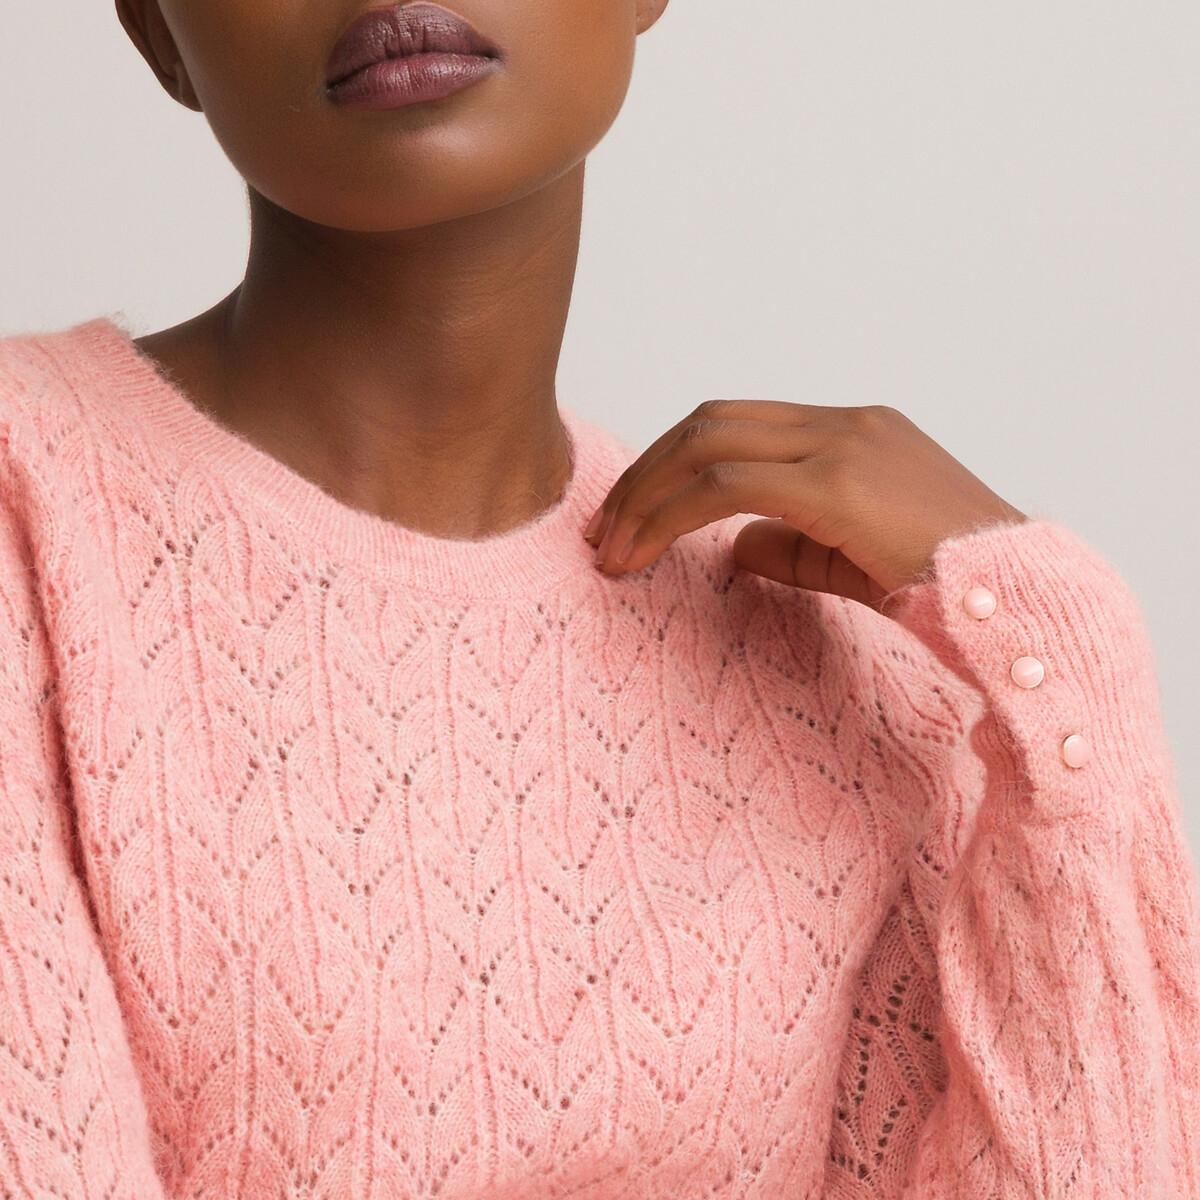 Фото - Пуловер LaRedoute С круглым вырезом из трикотажа пуантель S розовый пуловер laredoute с воротником стойкой из ажурного трикотажа пуантель m каштановый